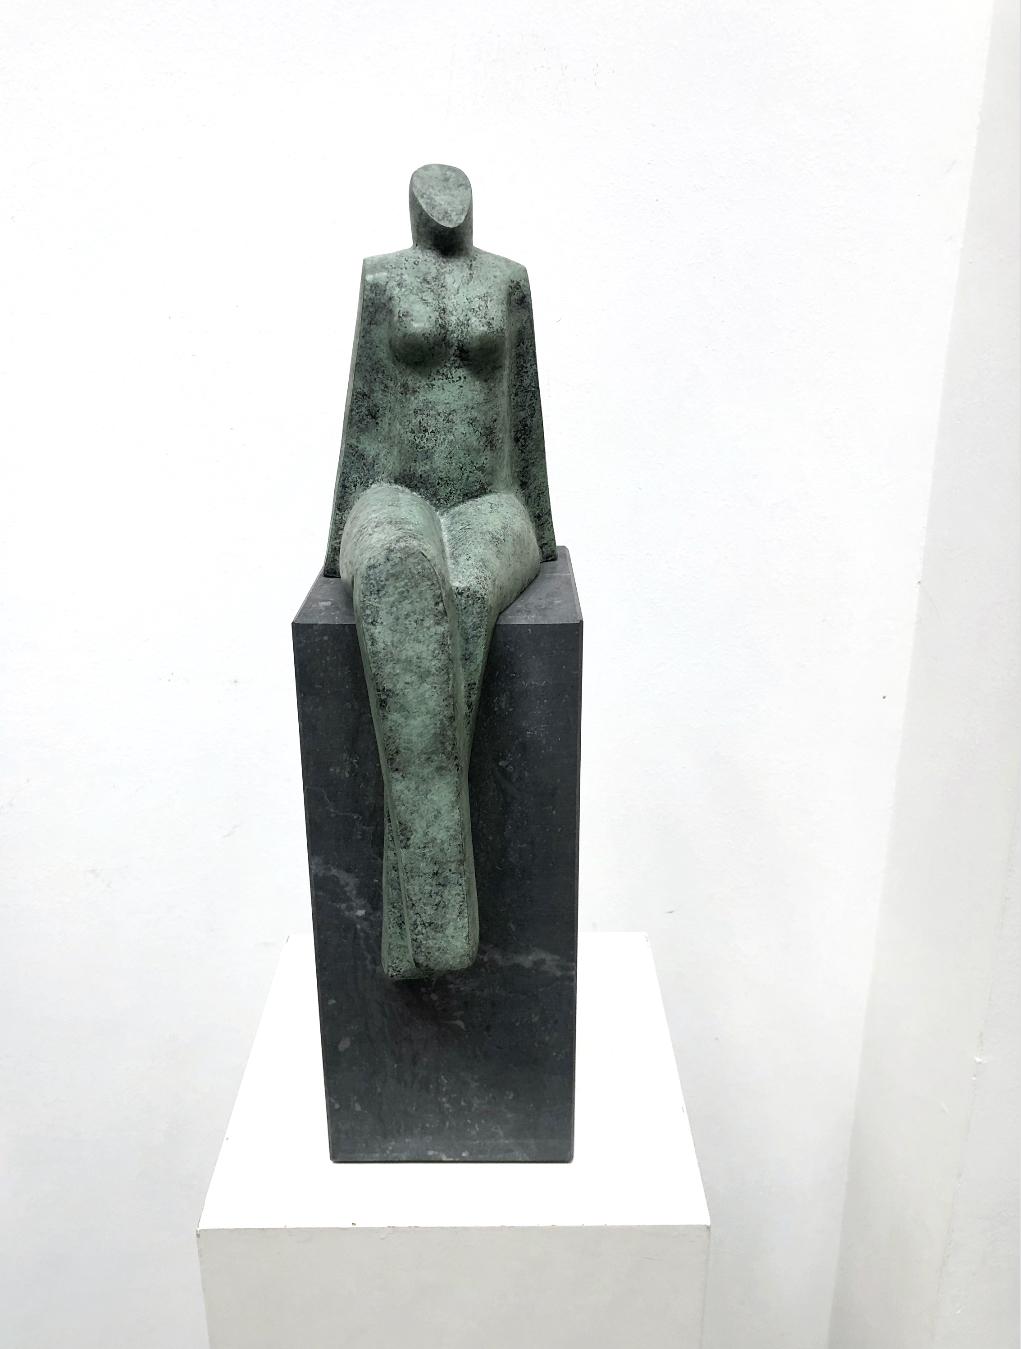 Vrouw op sokkel – gepatineerd brons.